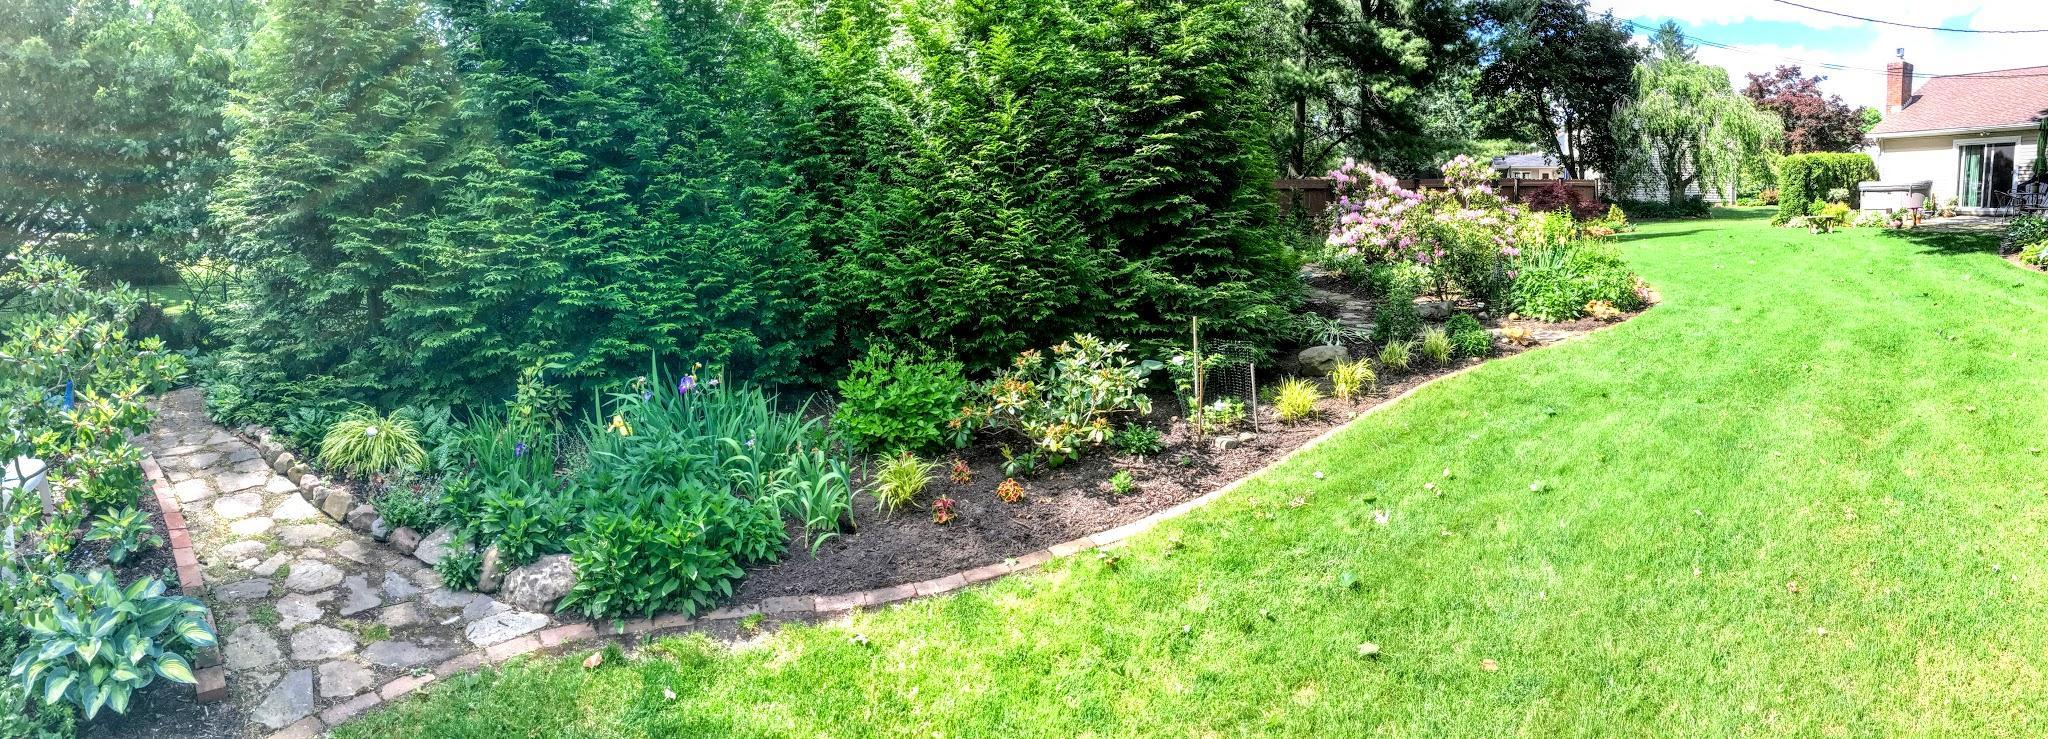 Garden path through trees